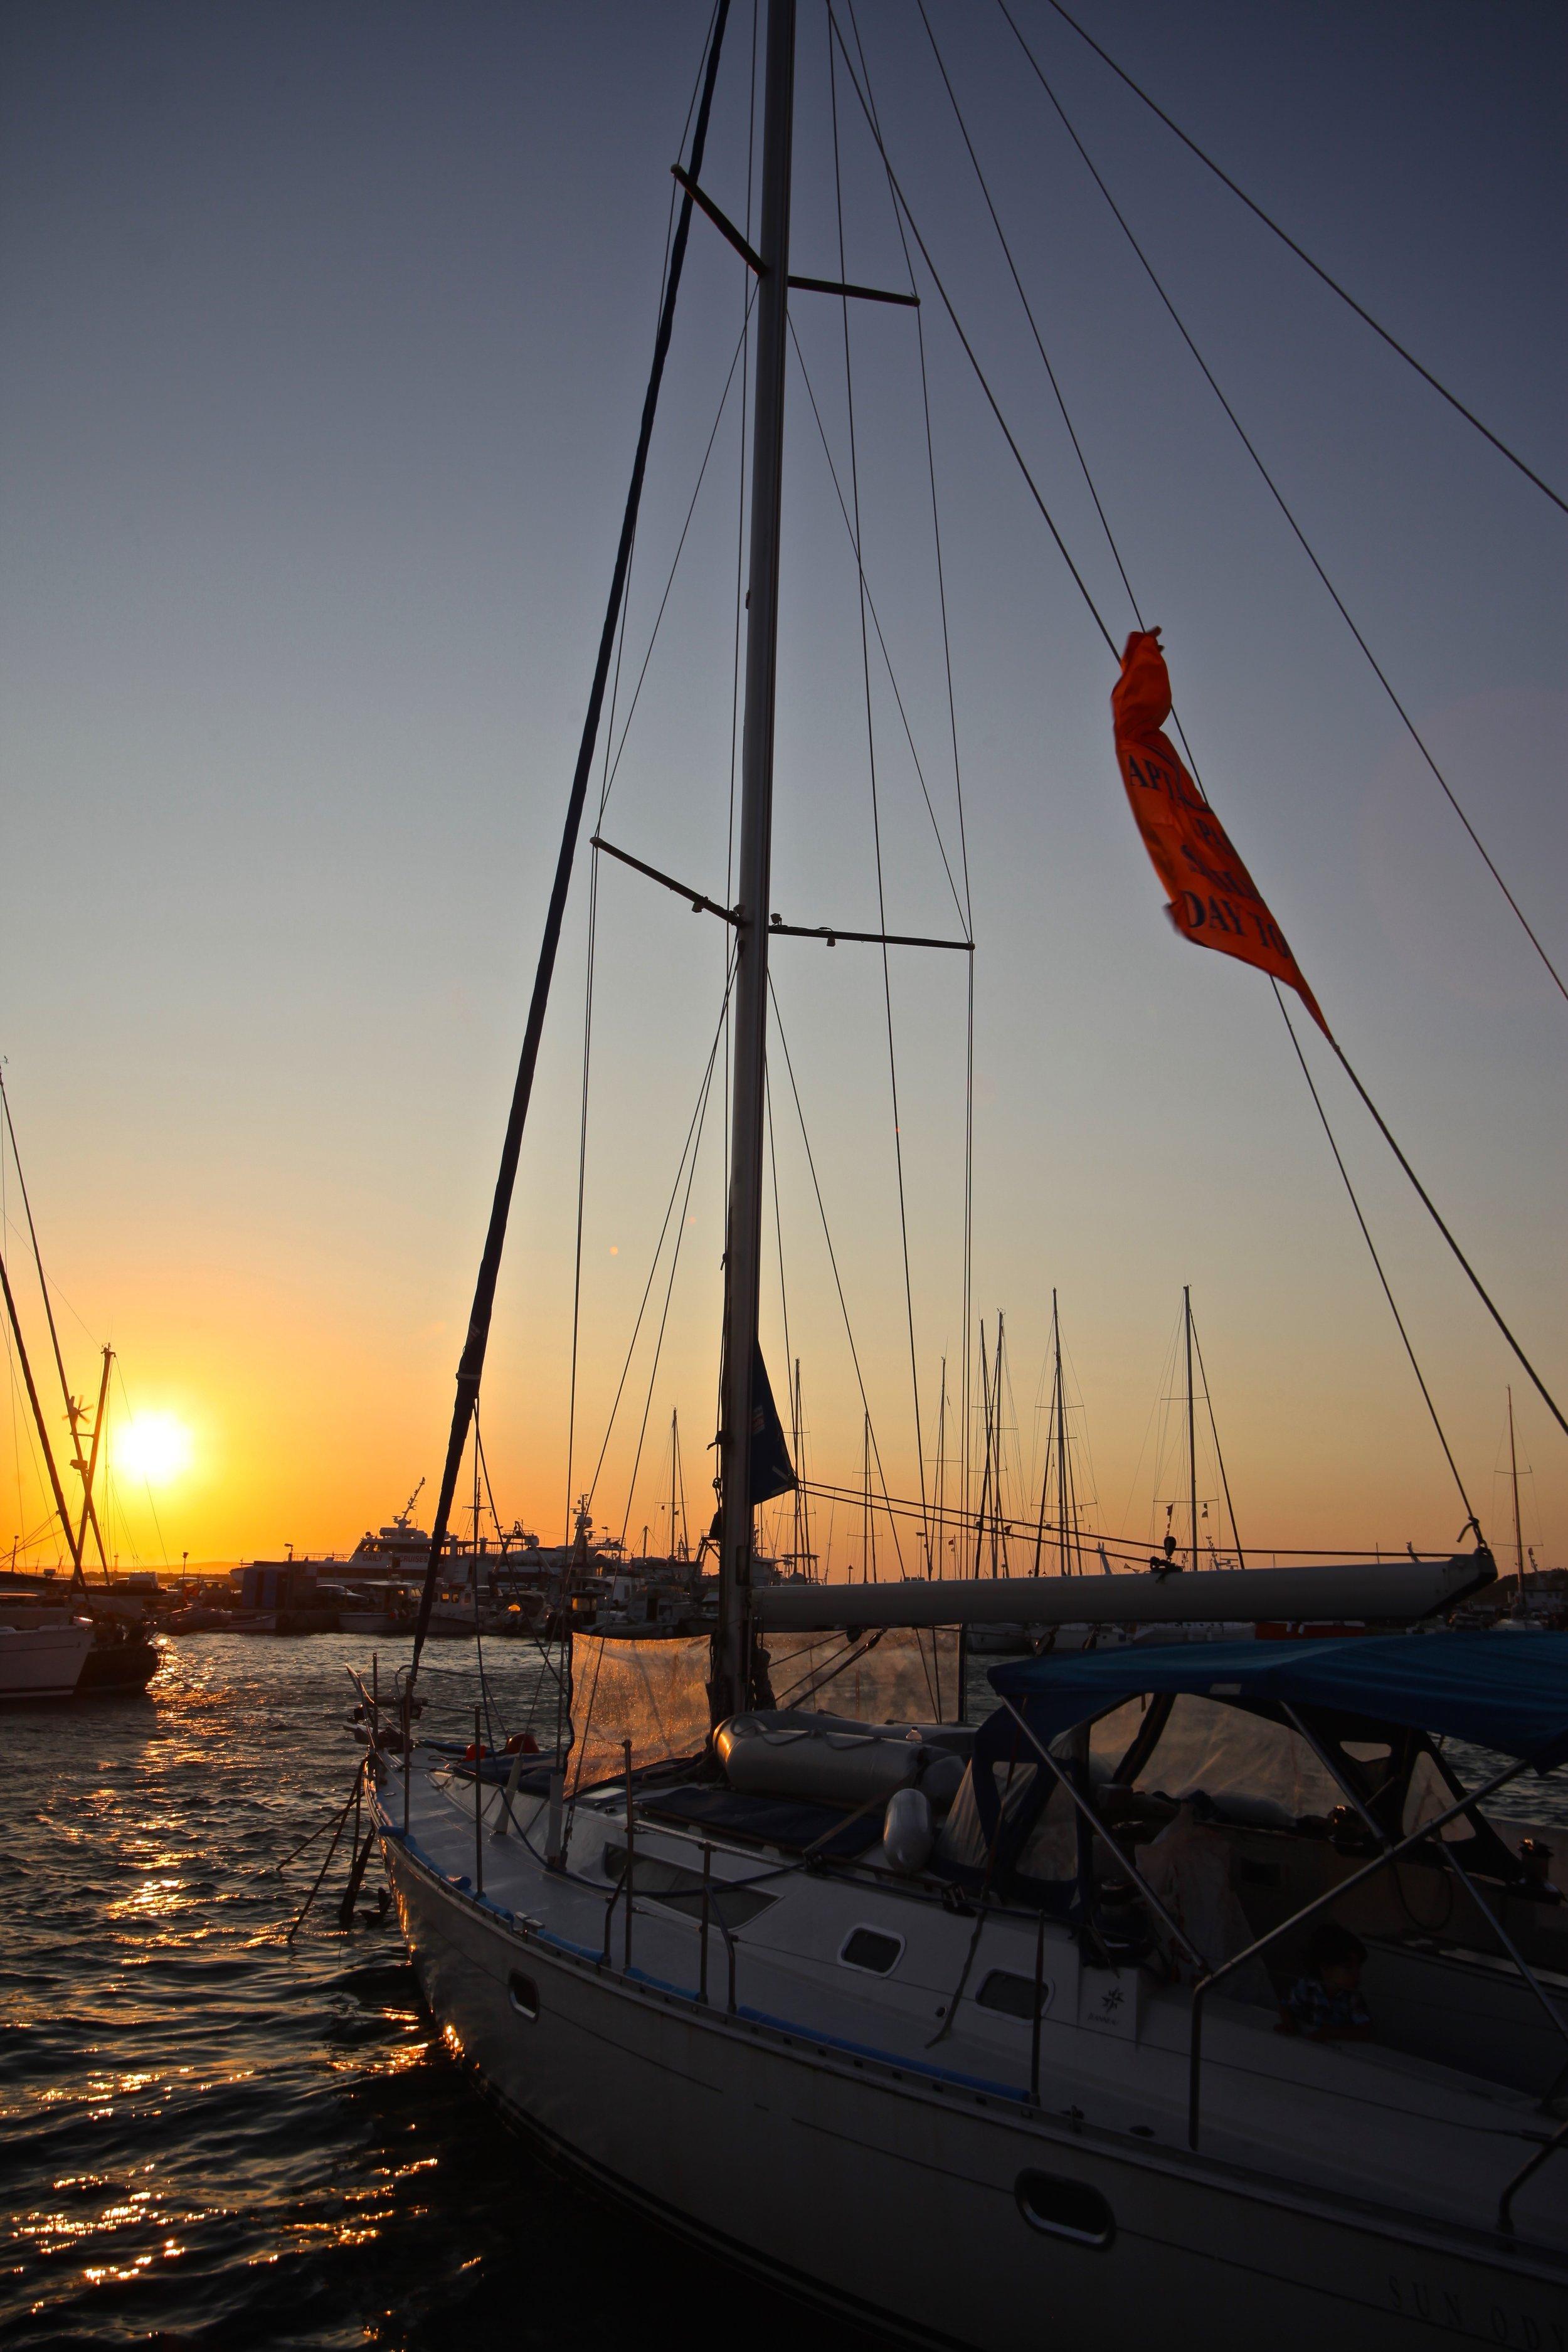 Naxos 4